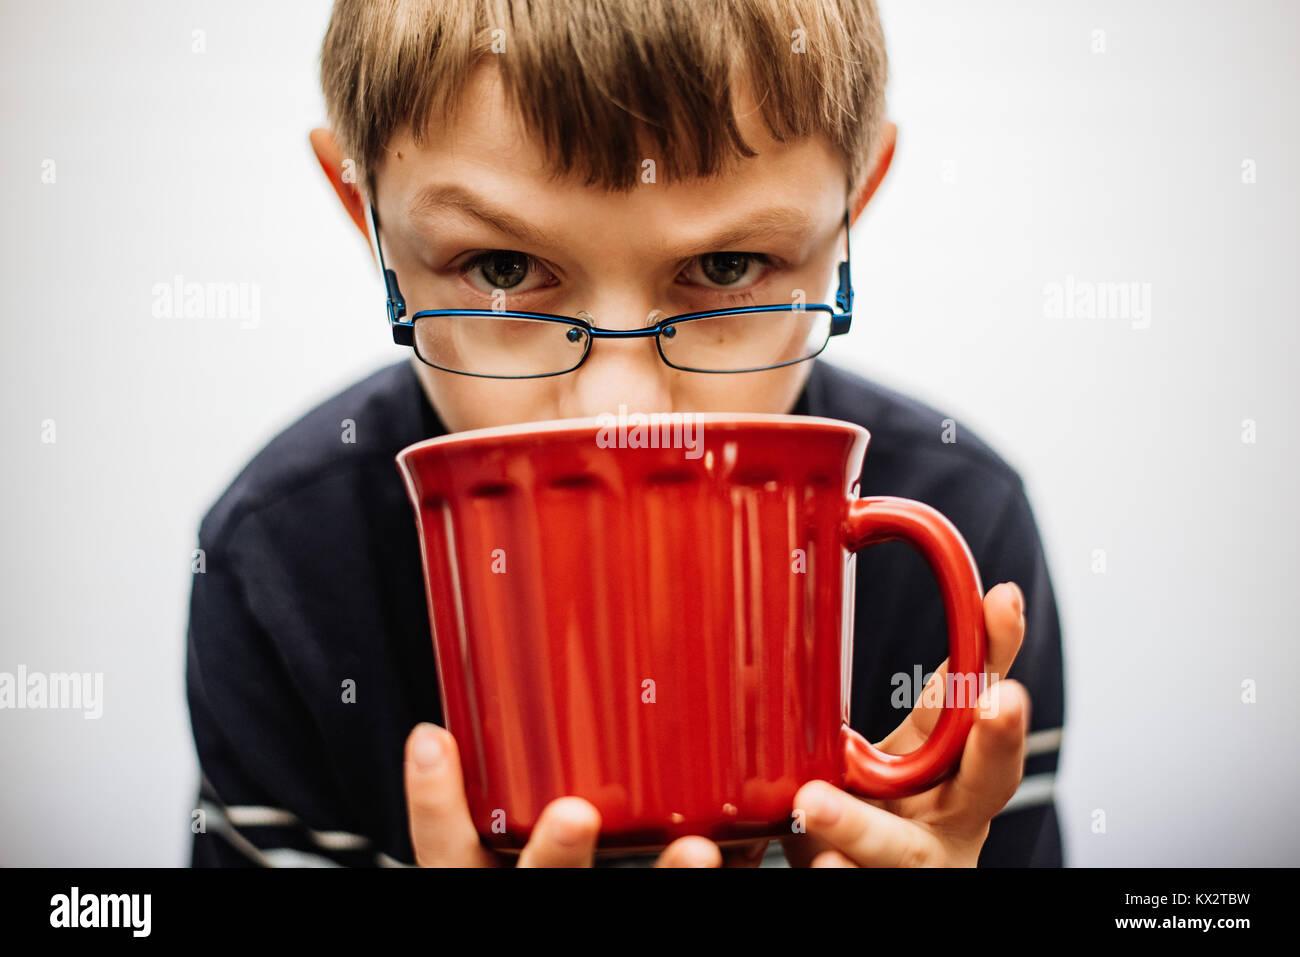 Ein 11 Jahre alter Junge Brille über den Rand eine rote Tasse Tee suchen. Stockbild